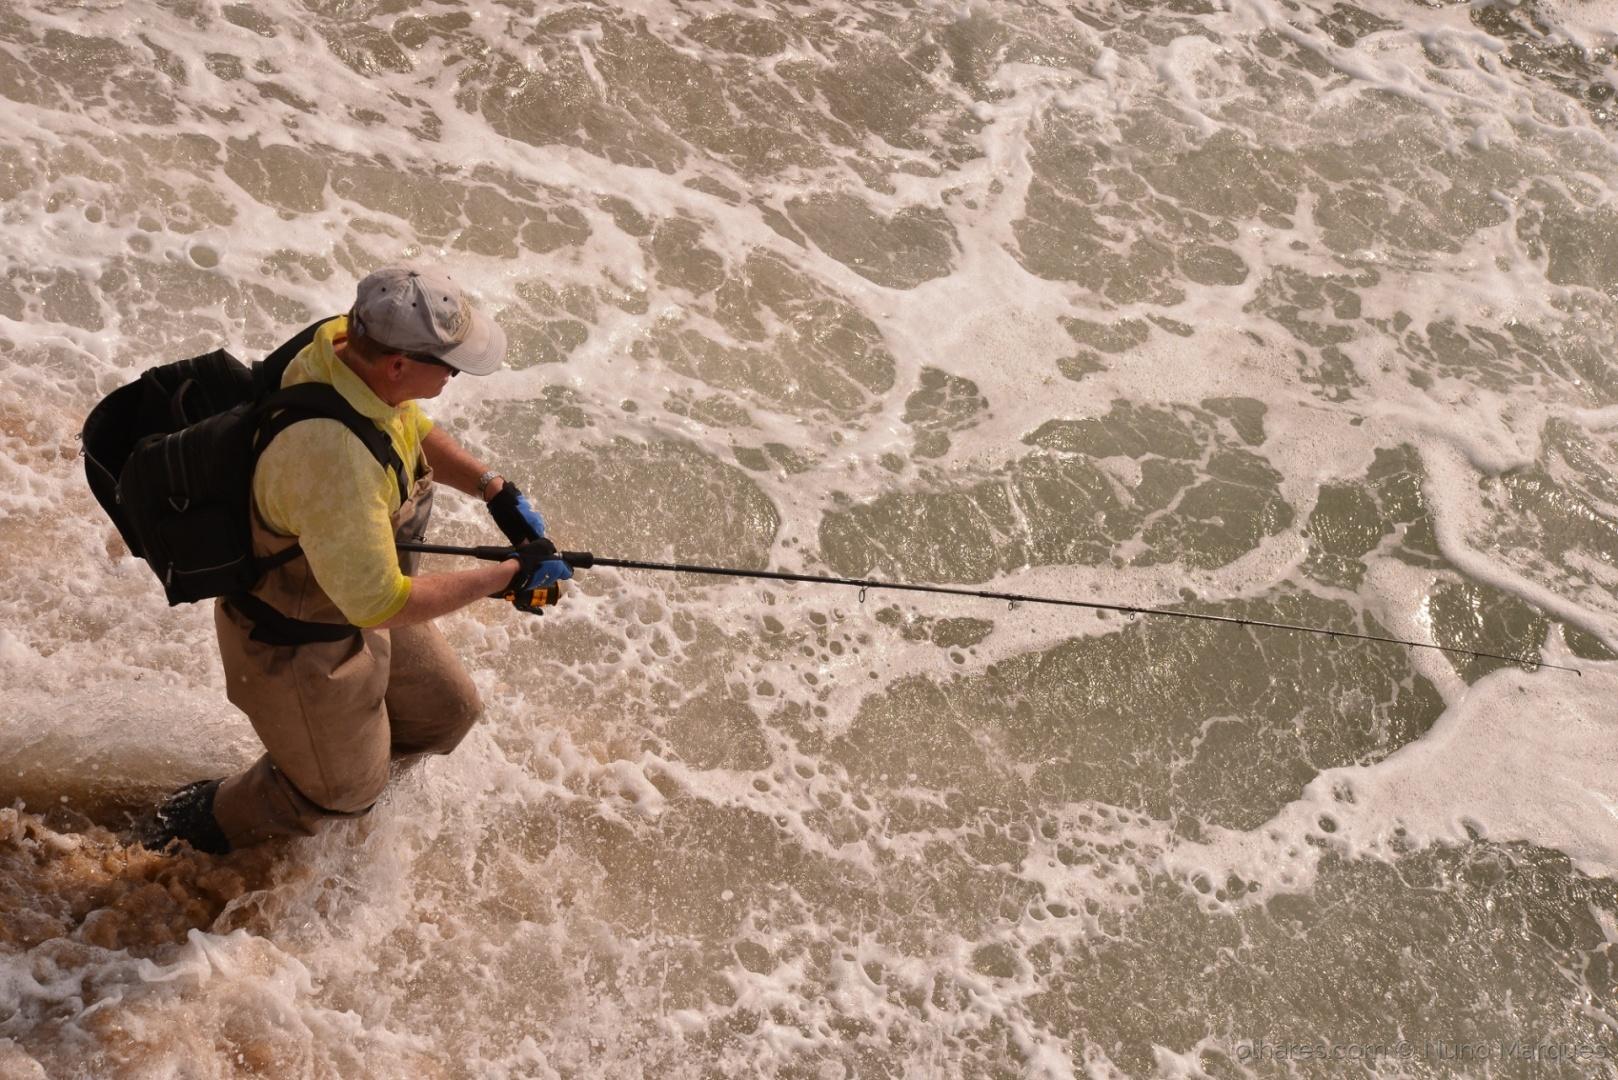 Desporto e Ação/Pesca desportiva